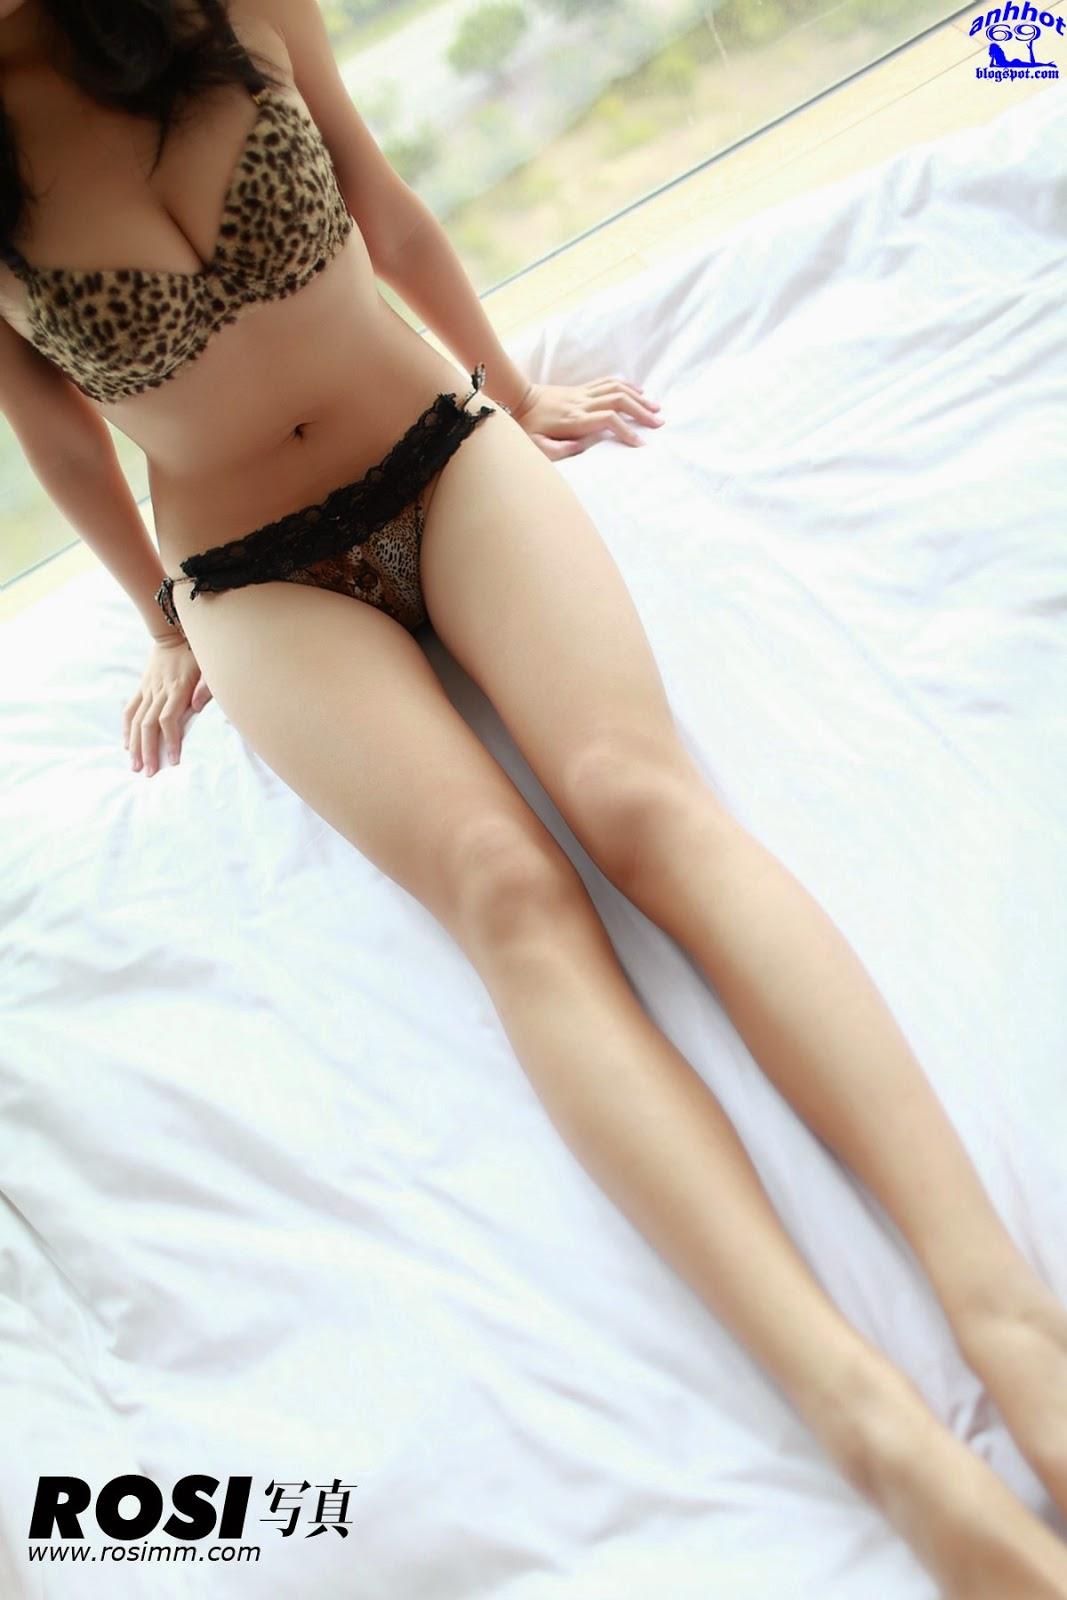 model_girl-rosi-01107718